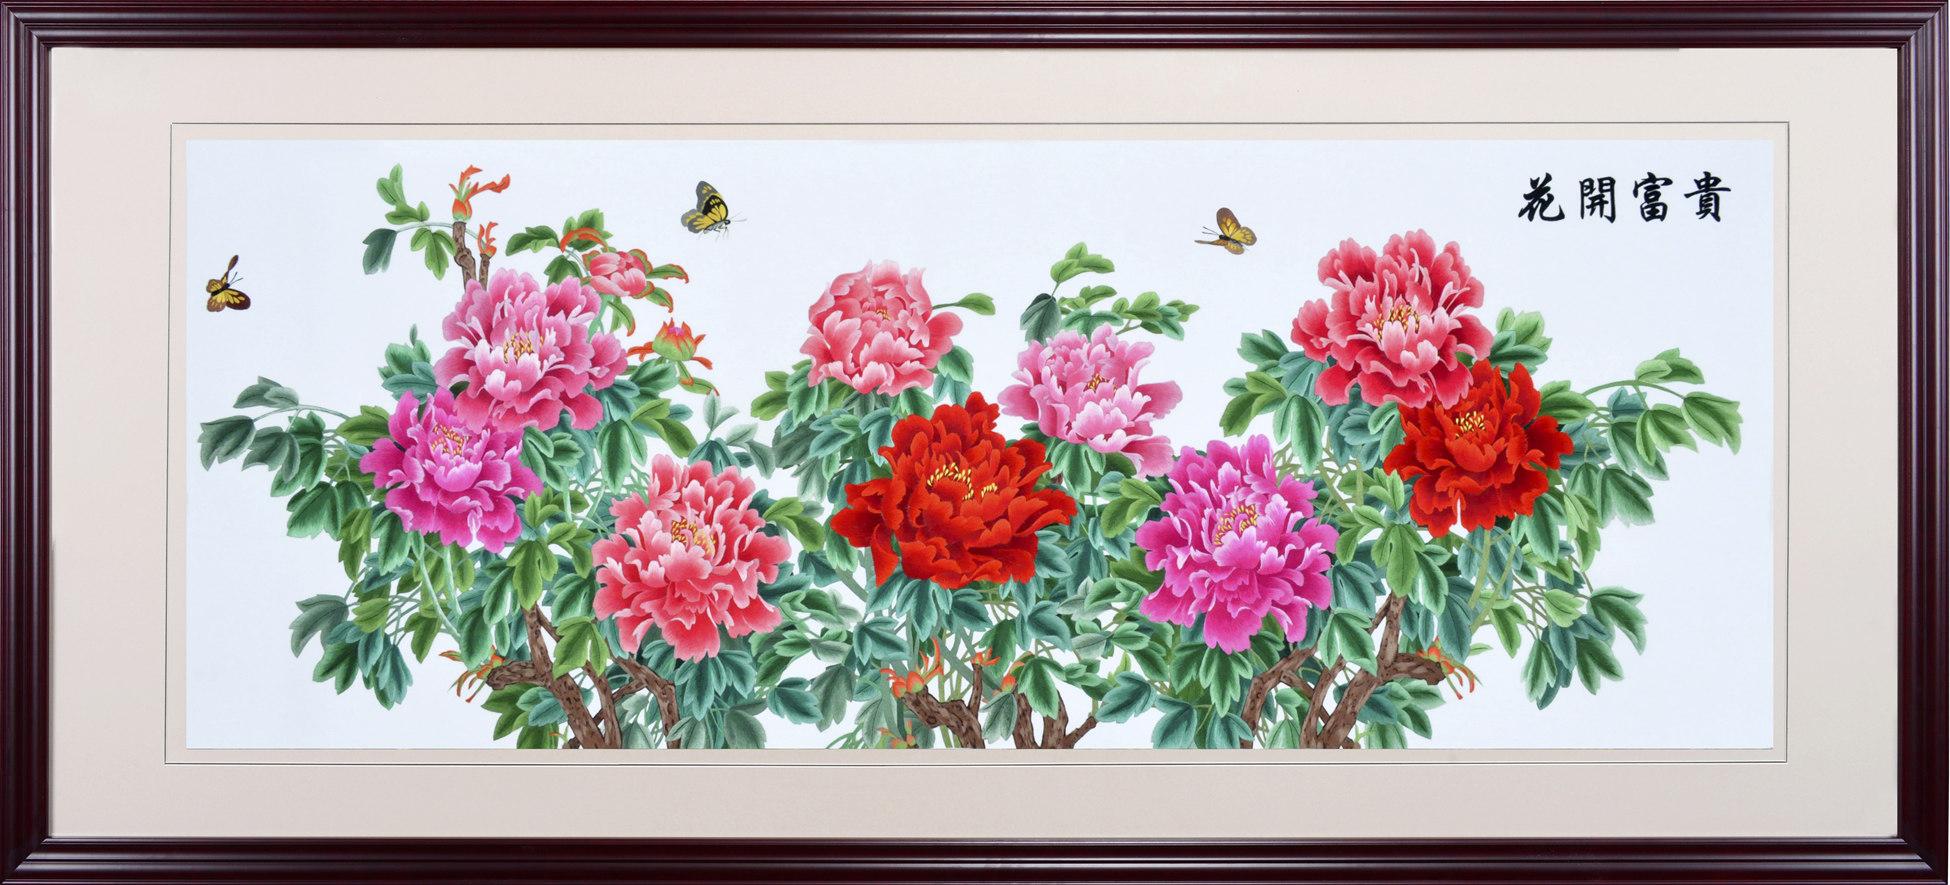 苏绣成品挂画客厅书房装饰画手工苏州刺绣现代简约牡丹图片